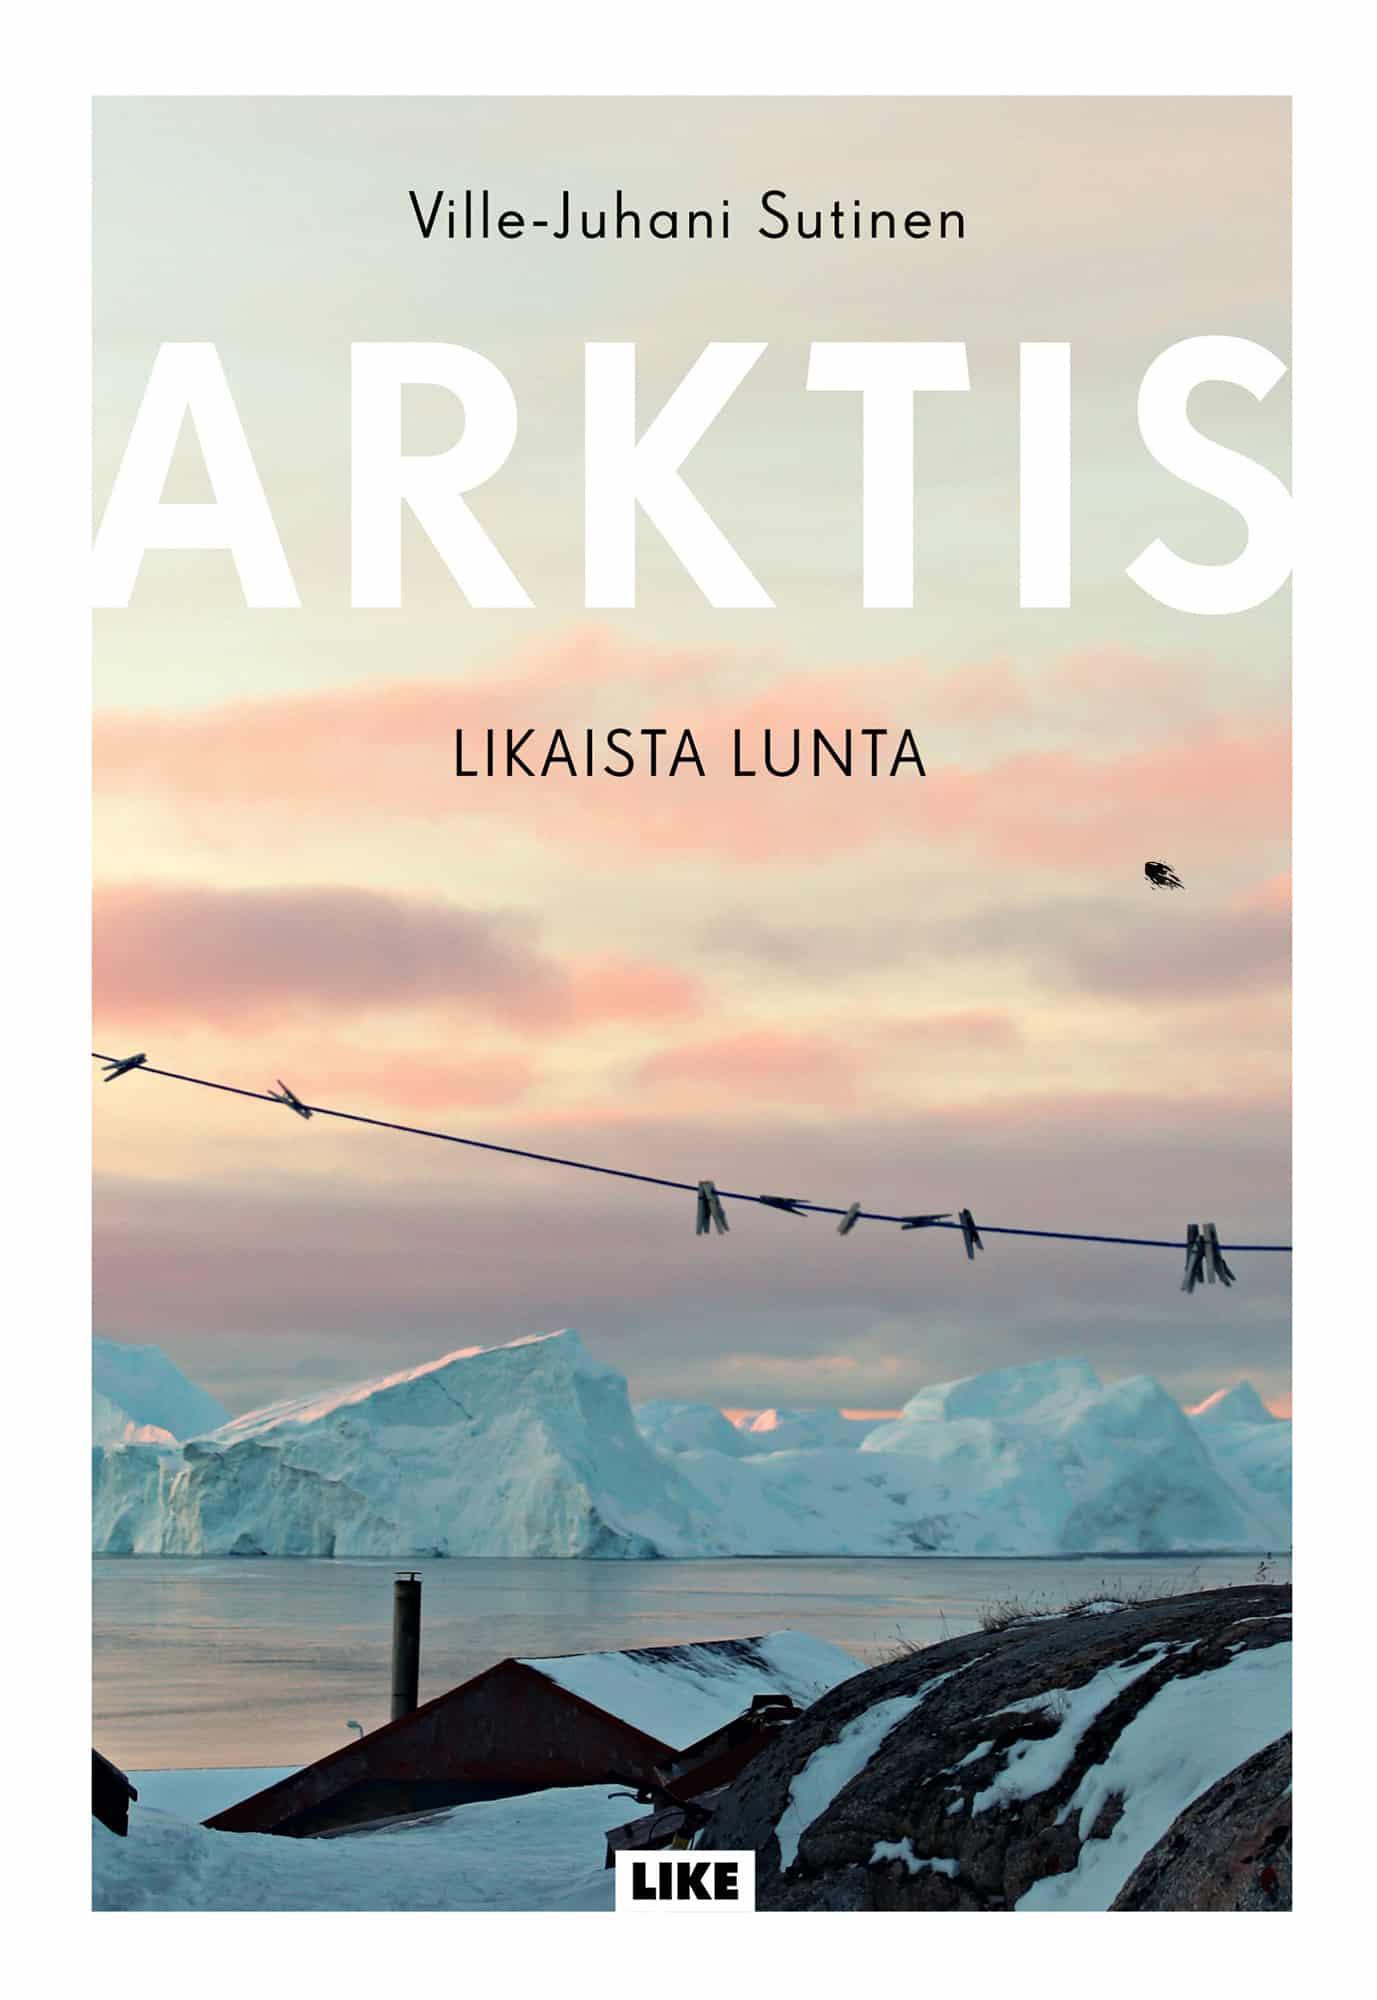 Arktis: likaista lunta